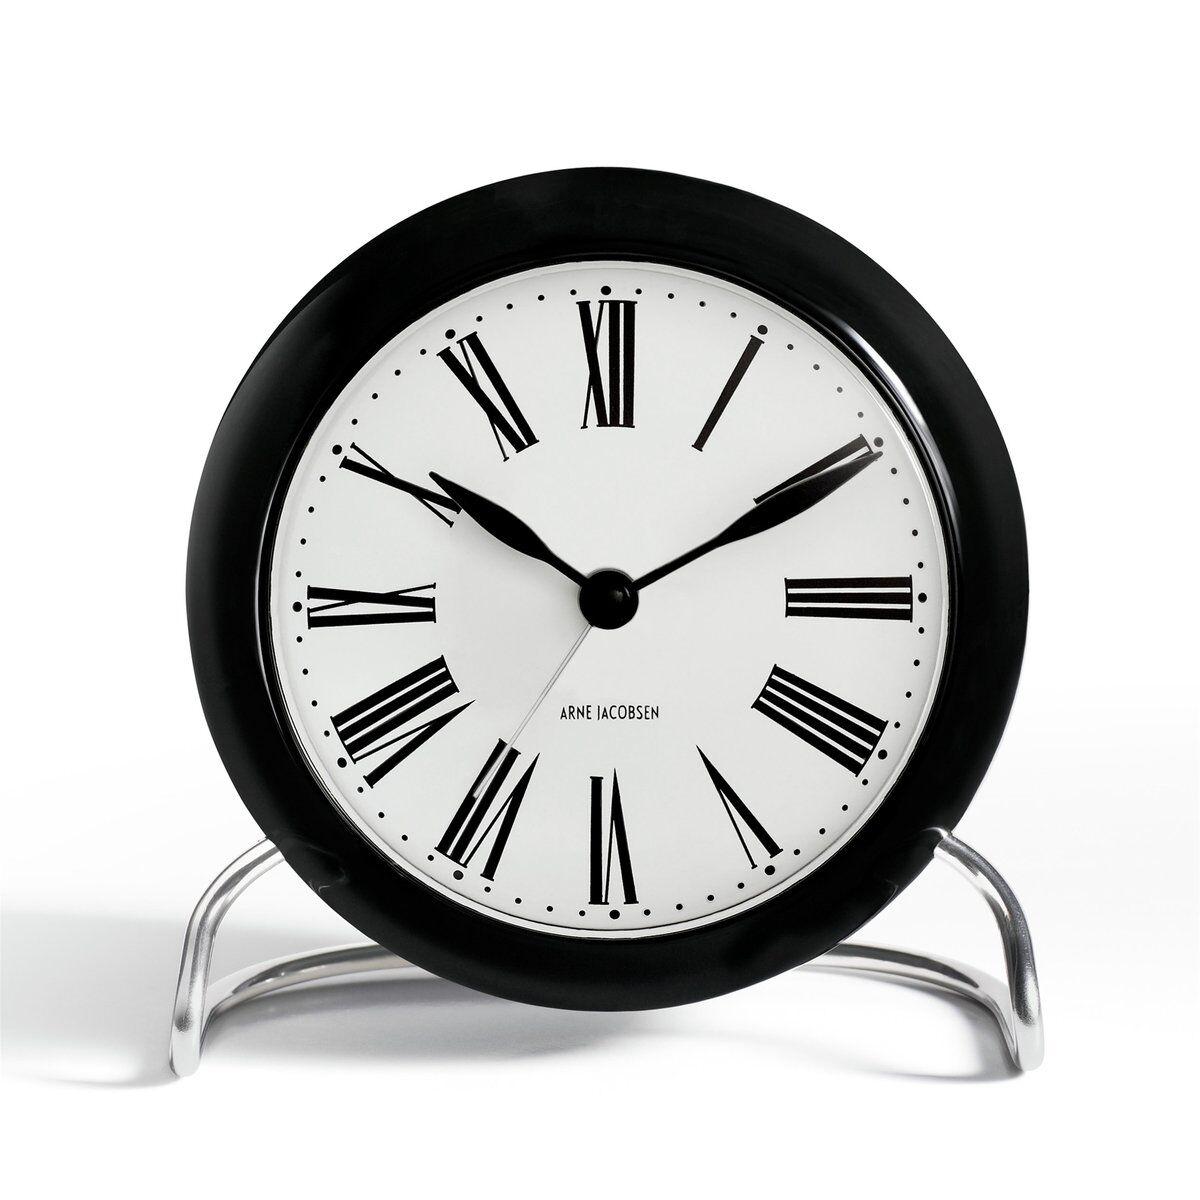 Arne Jacobsen Clocks AJ Roman bordklokke svart